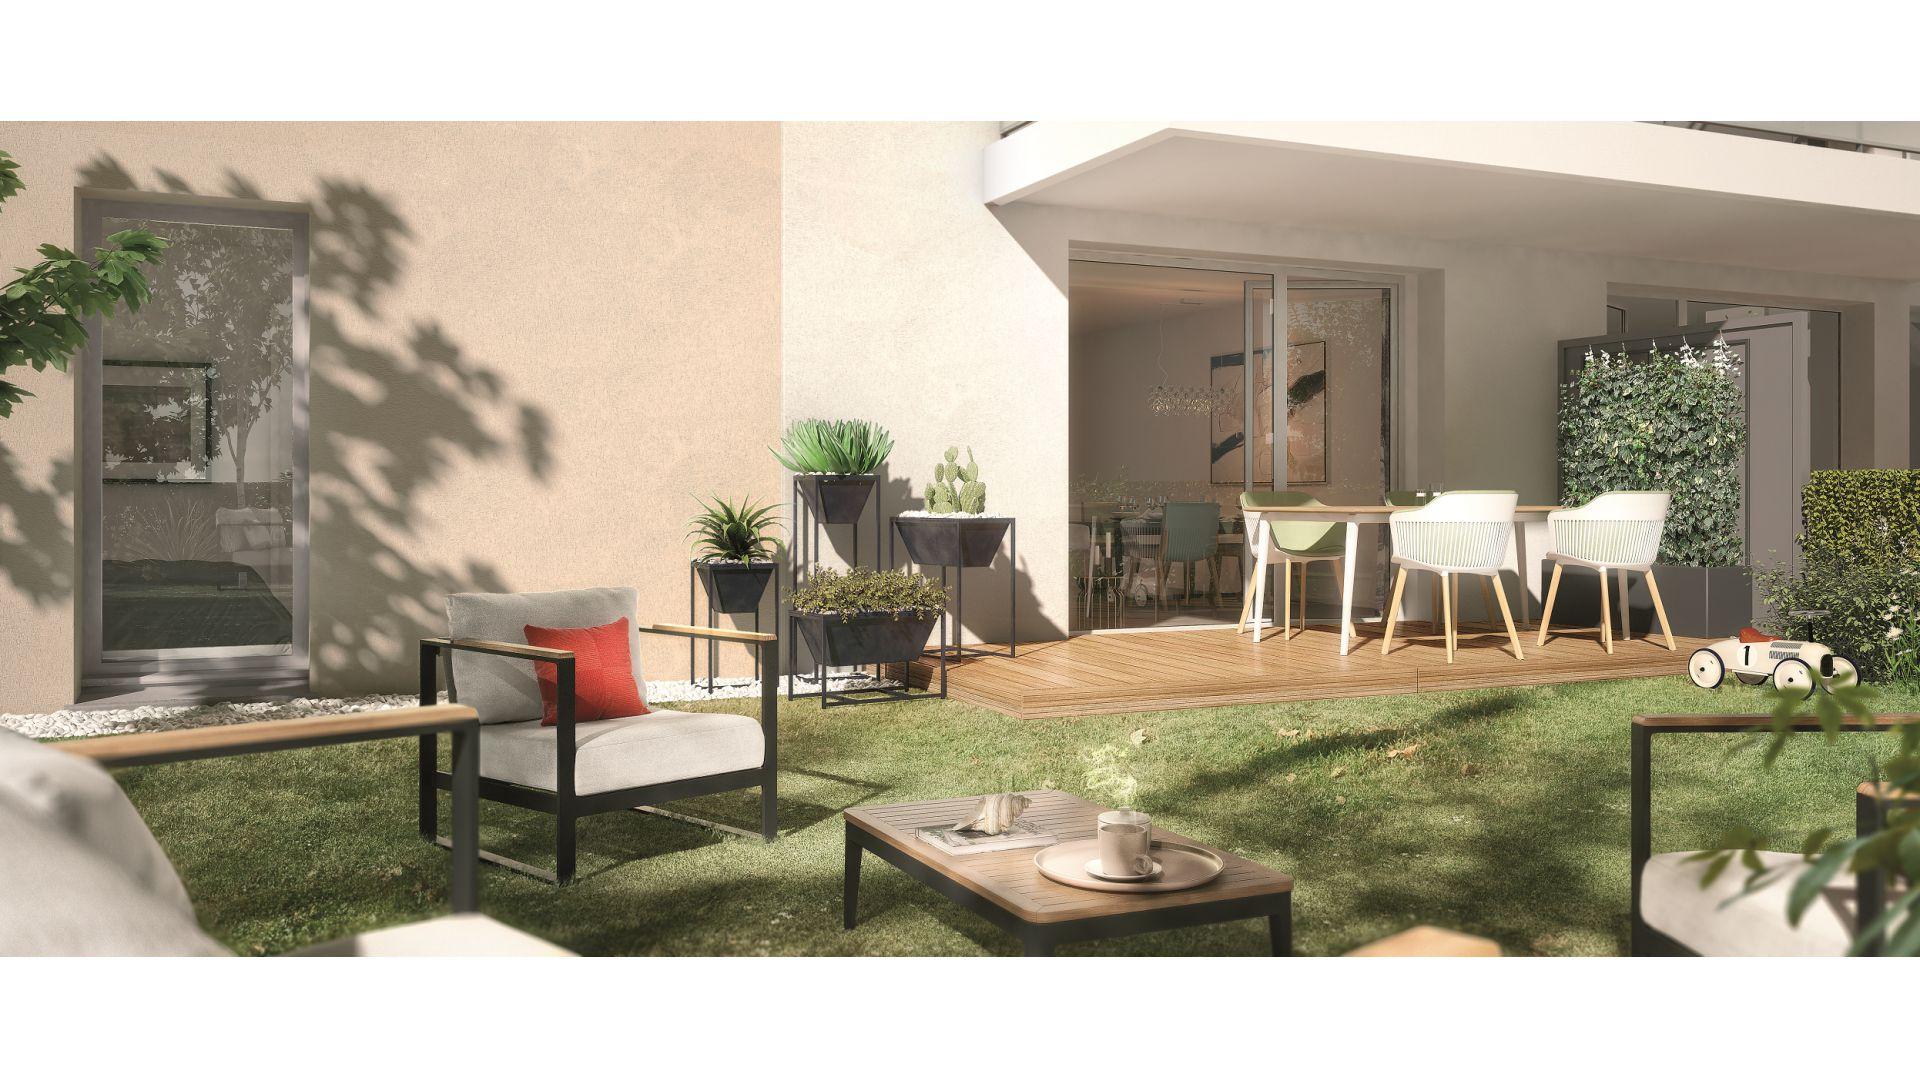 GreenCity immobilier - Fenouillet 31150 - Carré des Muses - appartement du T1 au T3 - vue terrasse